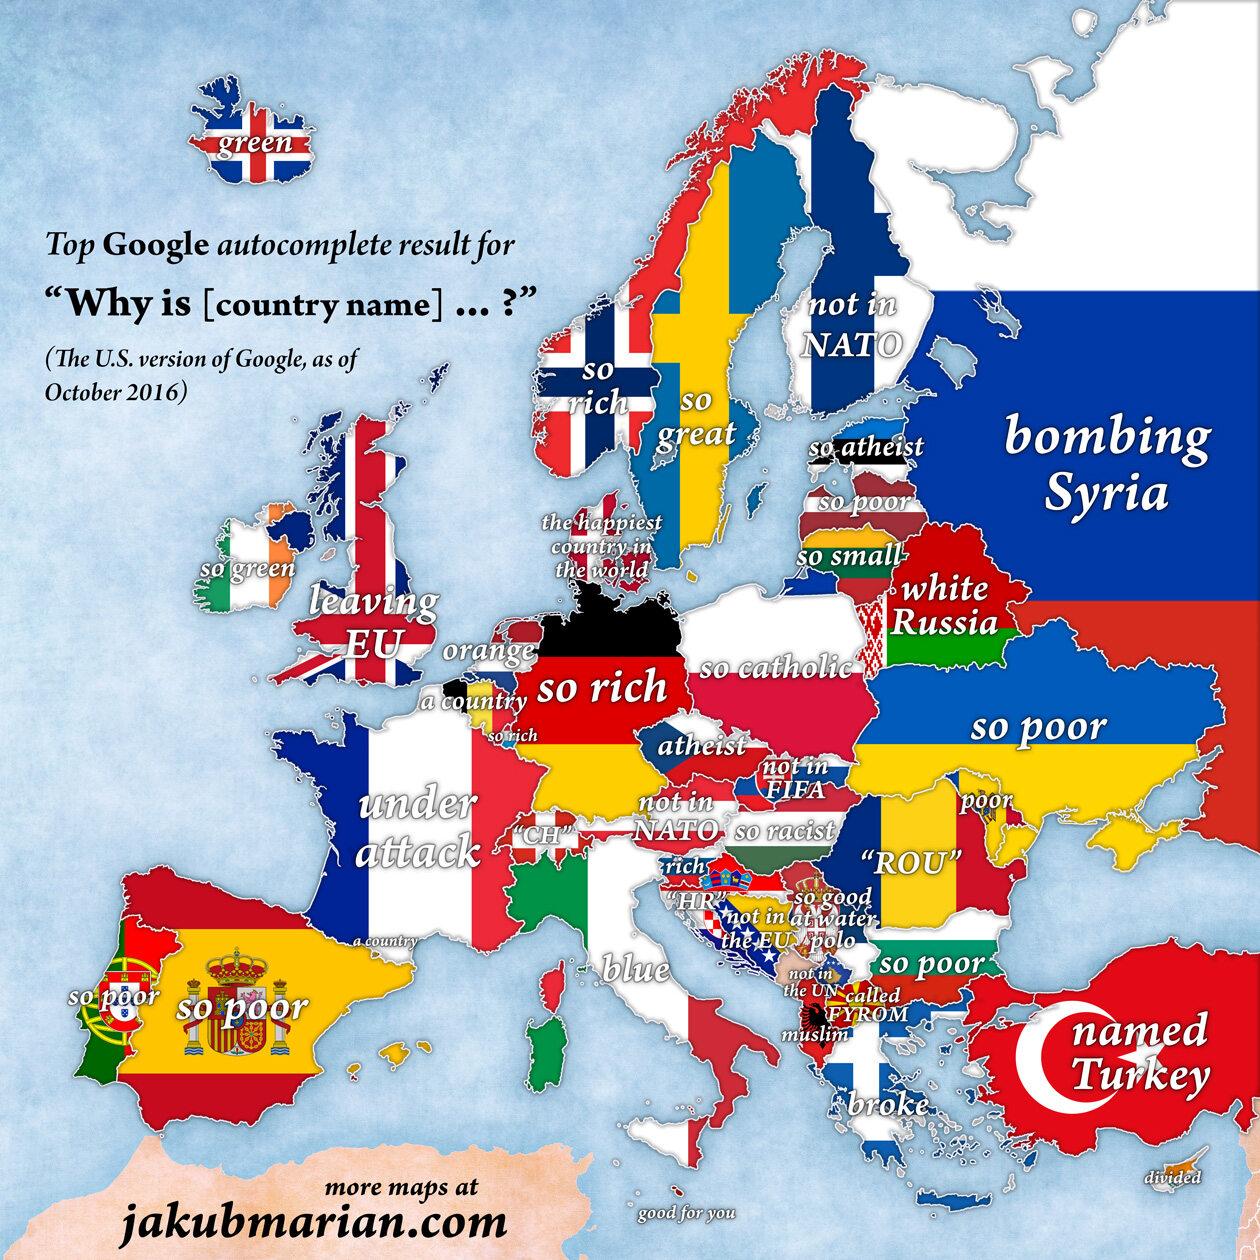 Mapa Inna Niz Wszystkie Europa Wedlug Wyszukiwarki Google